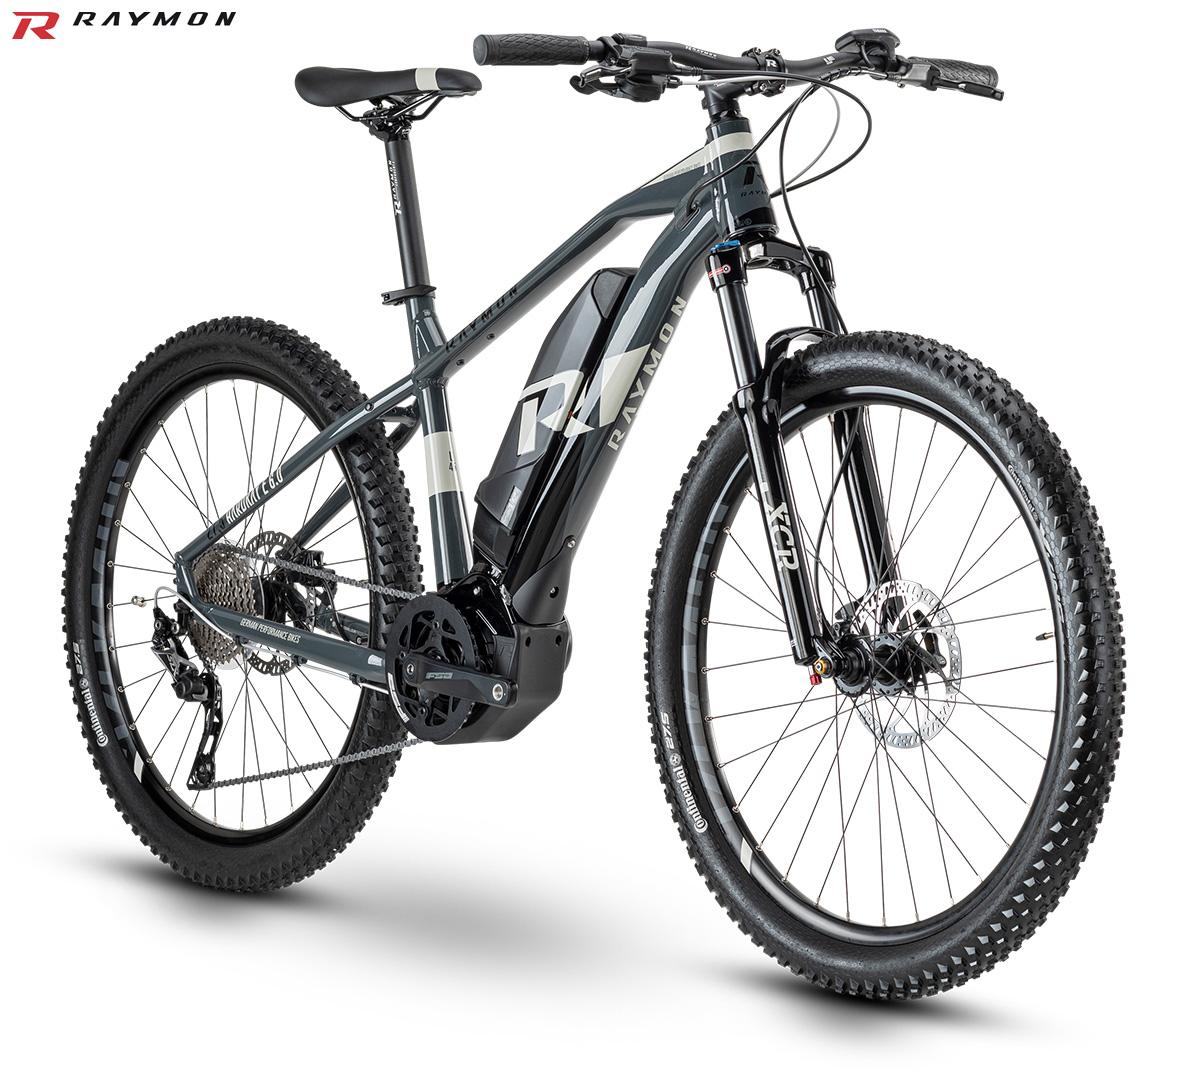 Una e-bike da offroad R raymon HardRay E-Nine 6.0